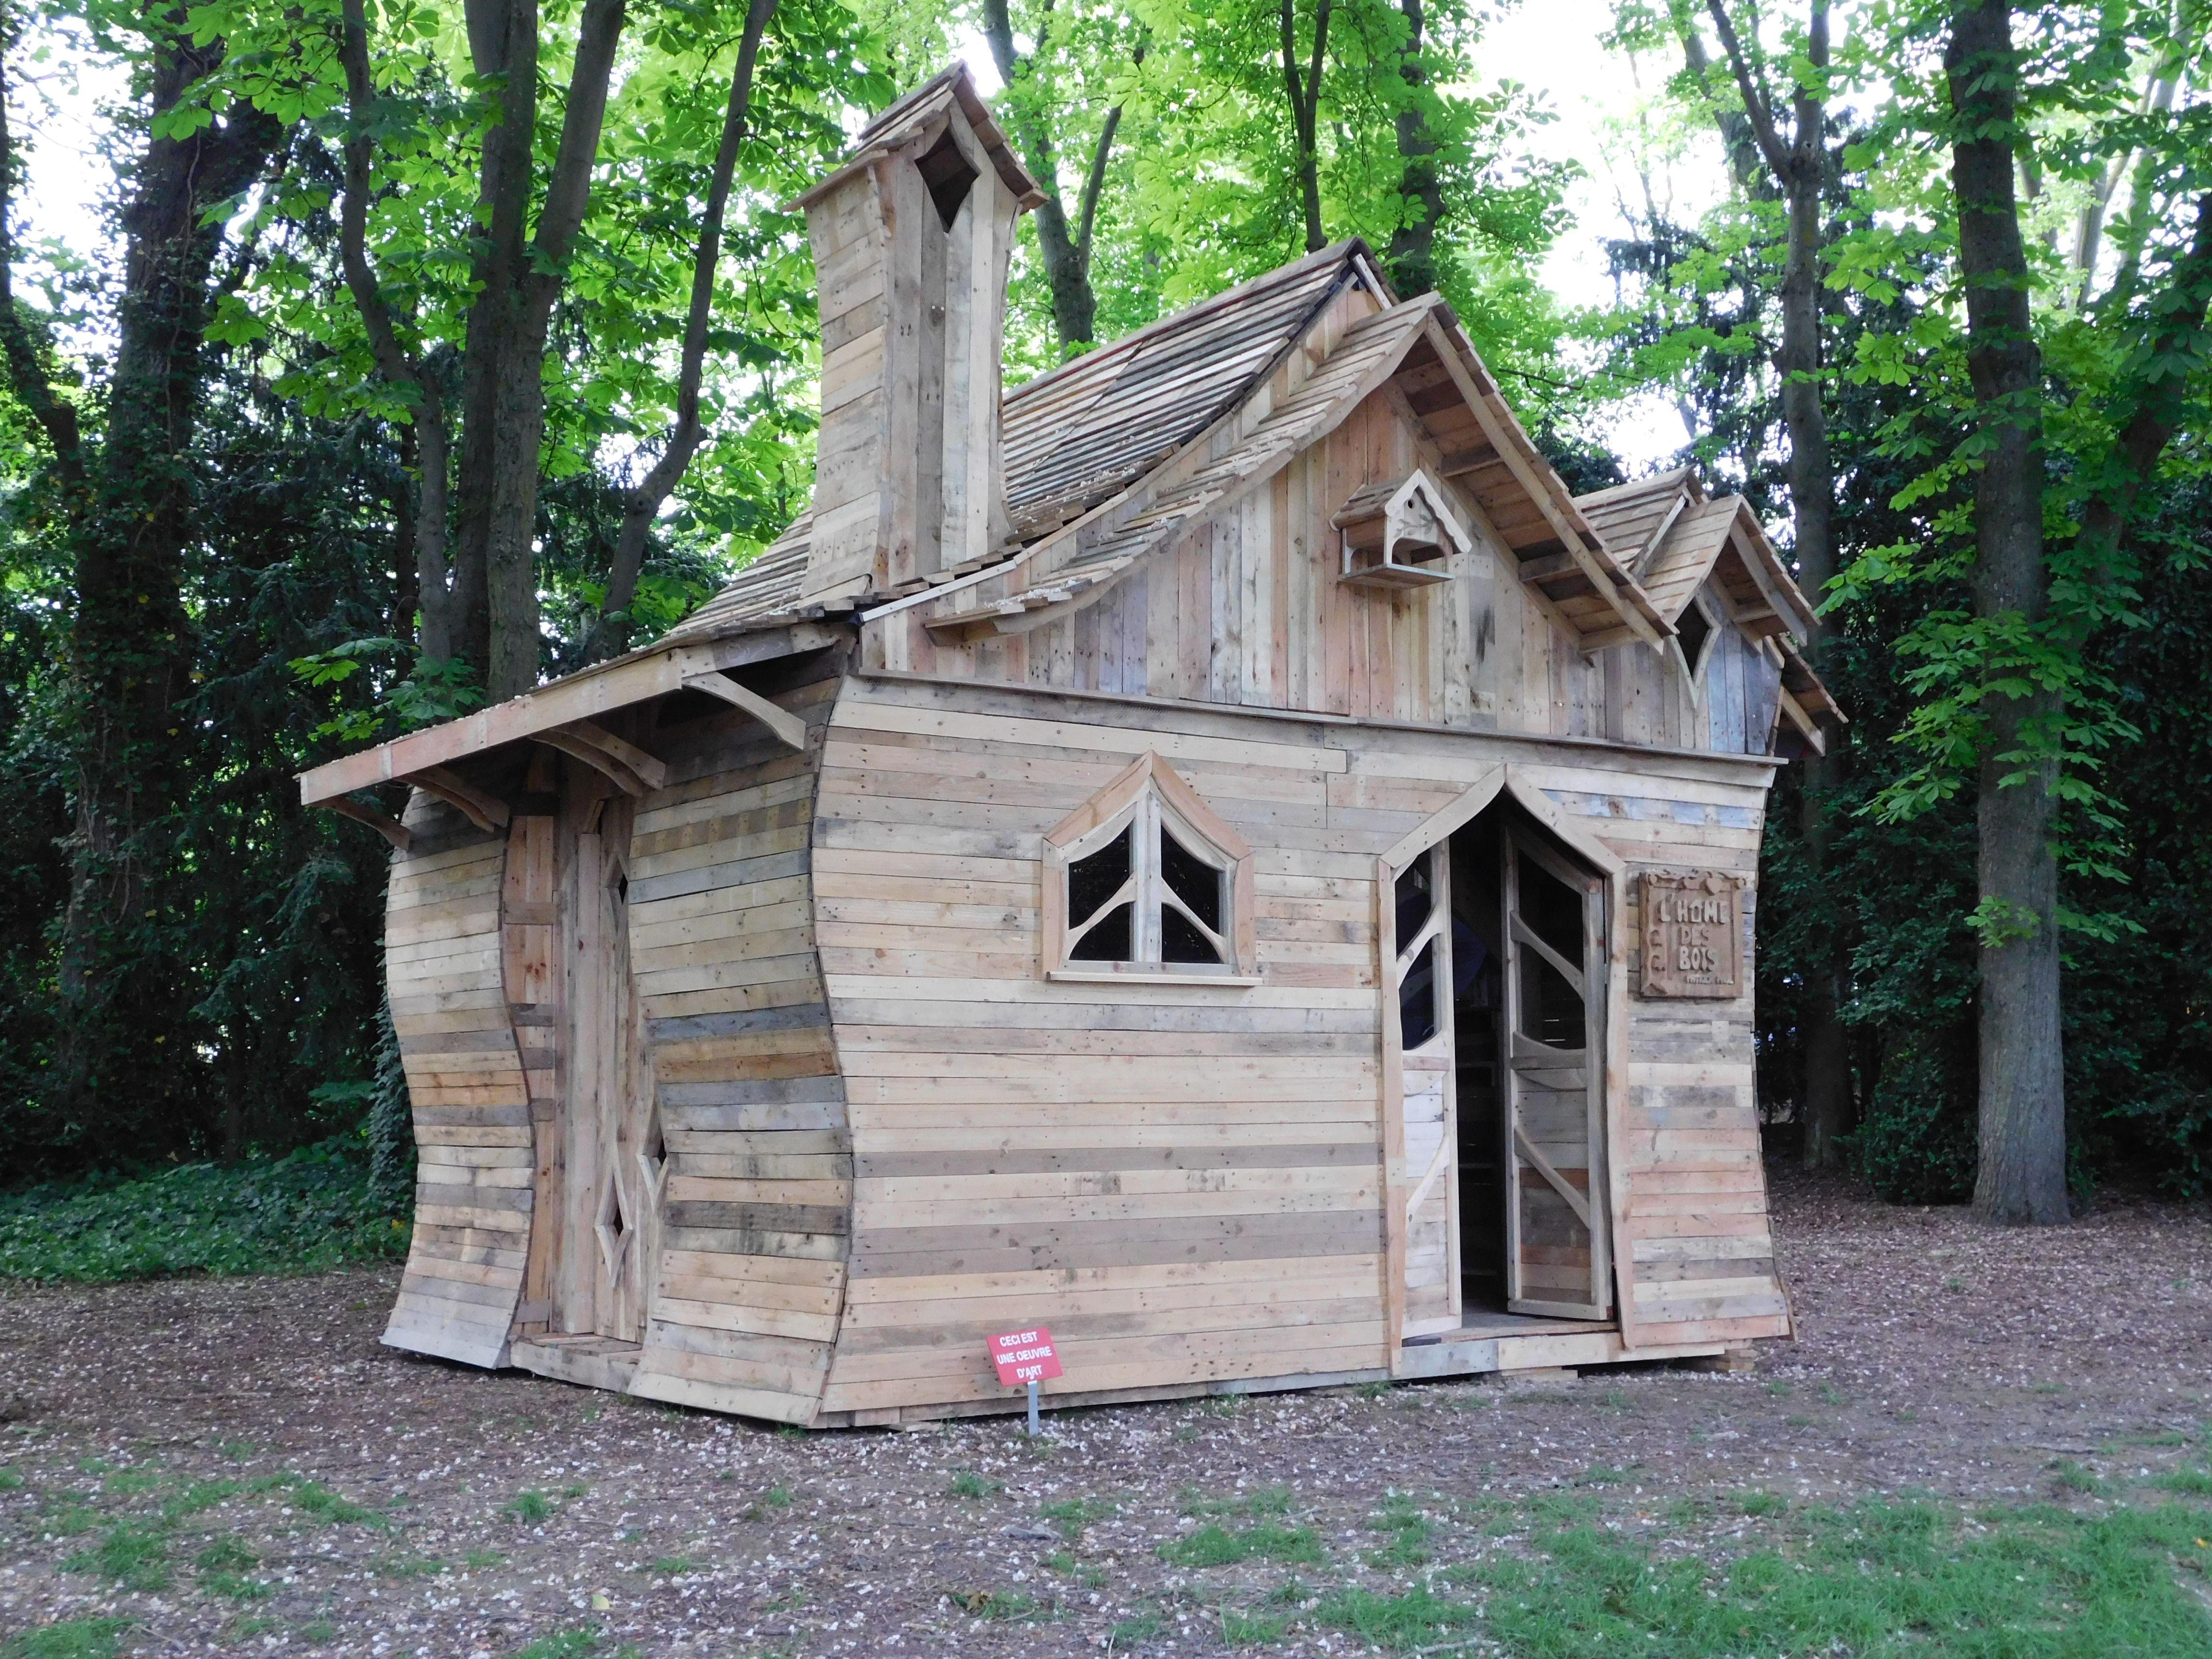 Cabane Feerique En Bois De Palette Https Www Facebook Com Lhome Des Bois 130904900443708 Pallet Shed Pallet House Wood Pallets